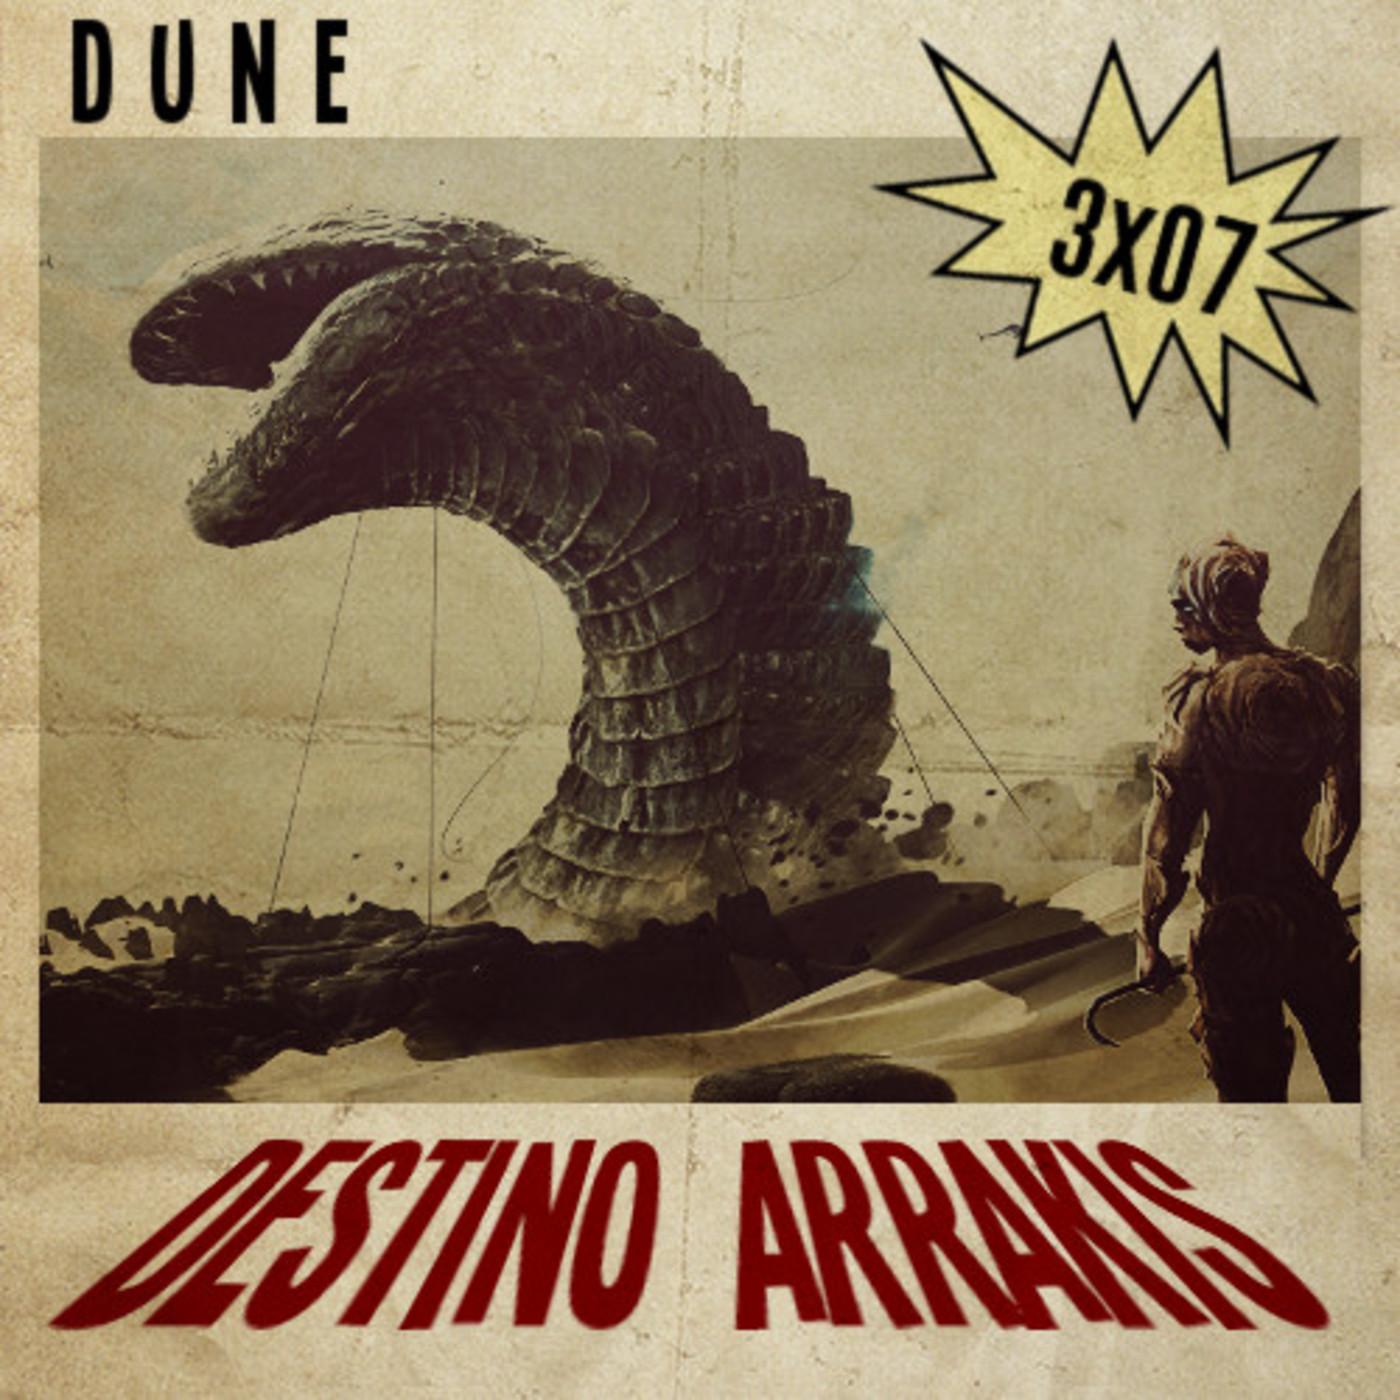 [DA] Destino Arrakis 3xO7 Dune